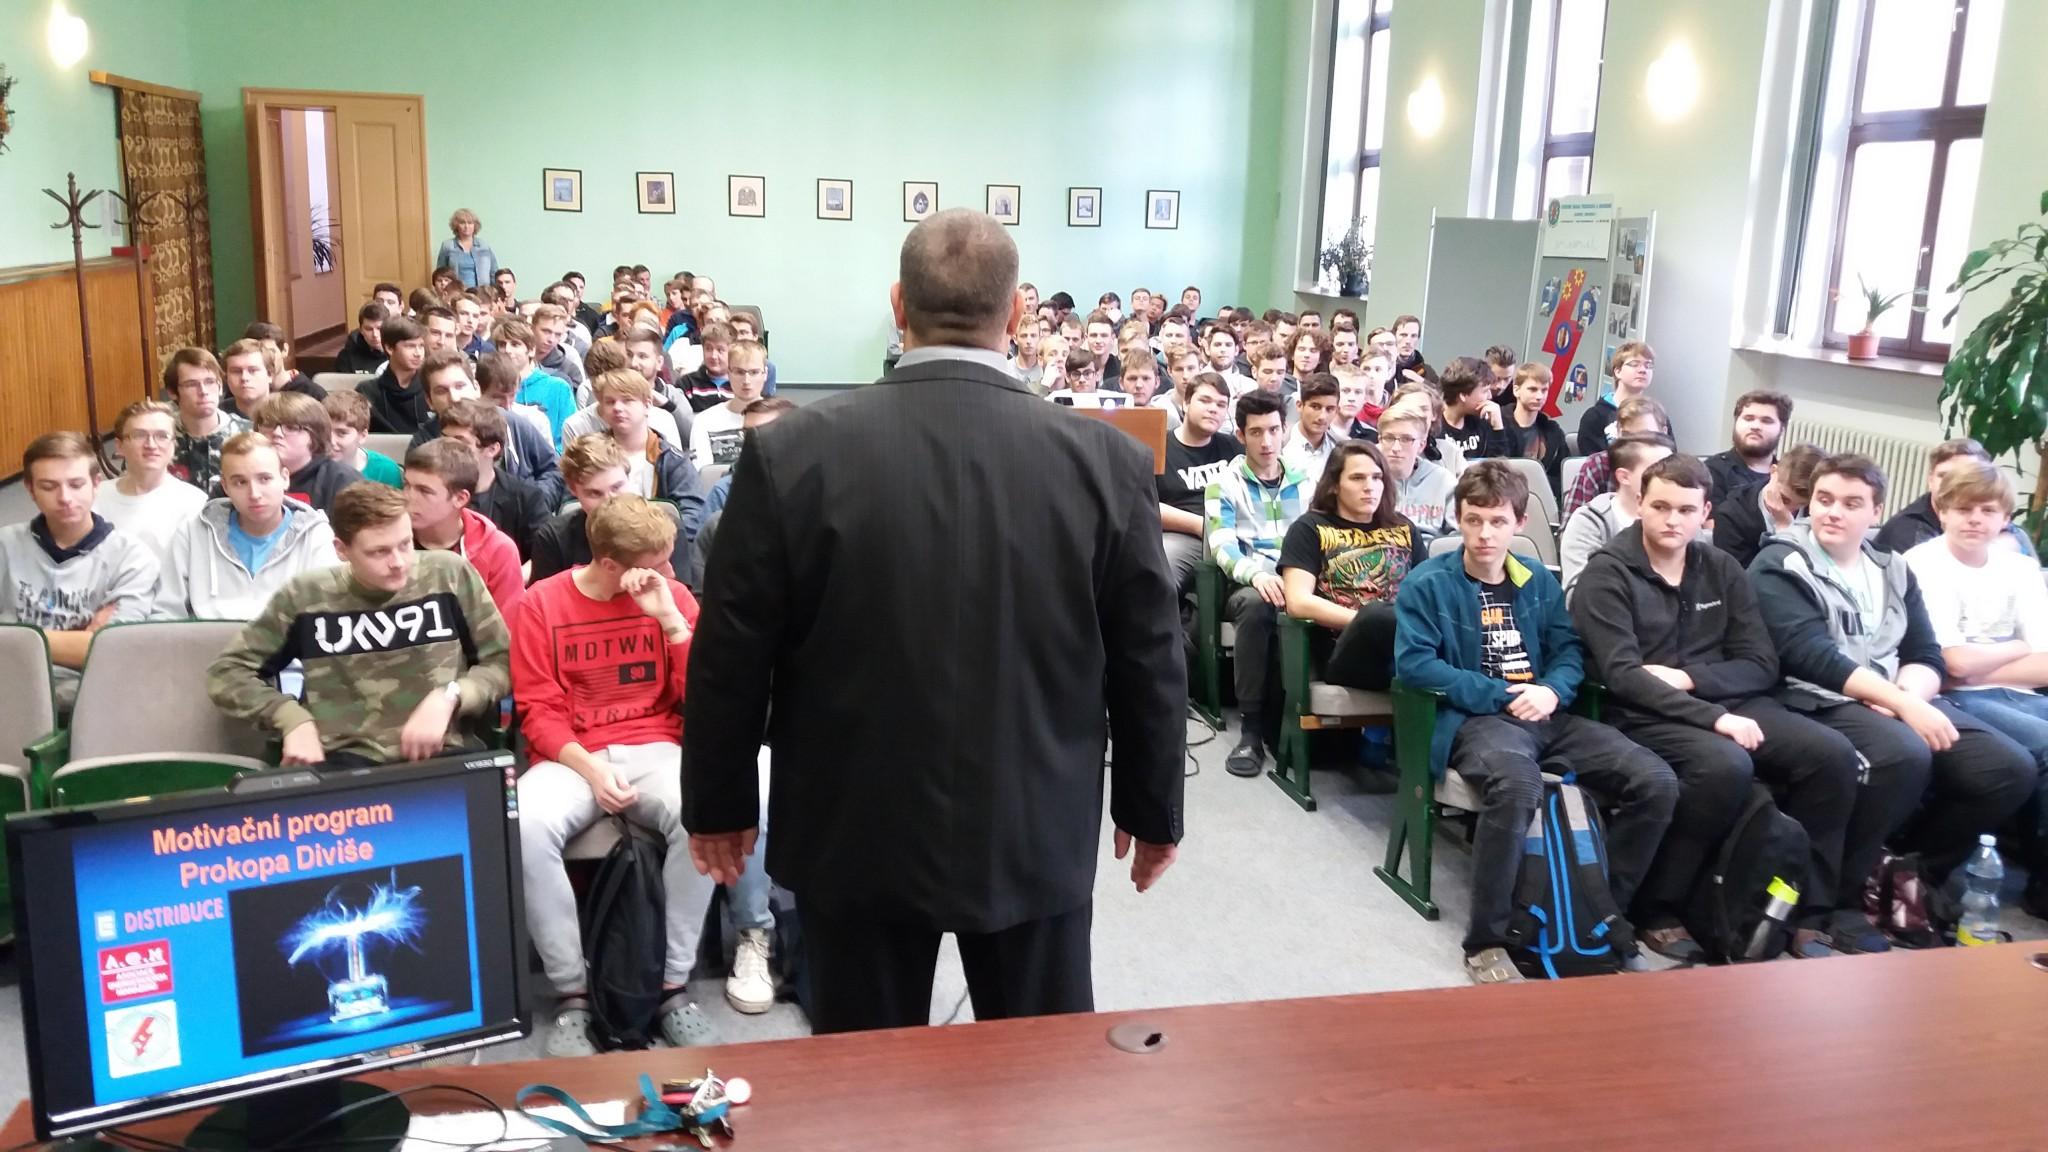 Přes sto tisíc korun si již tuto středu odnesou nejlepší studenti elektrotechniky v kraji